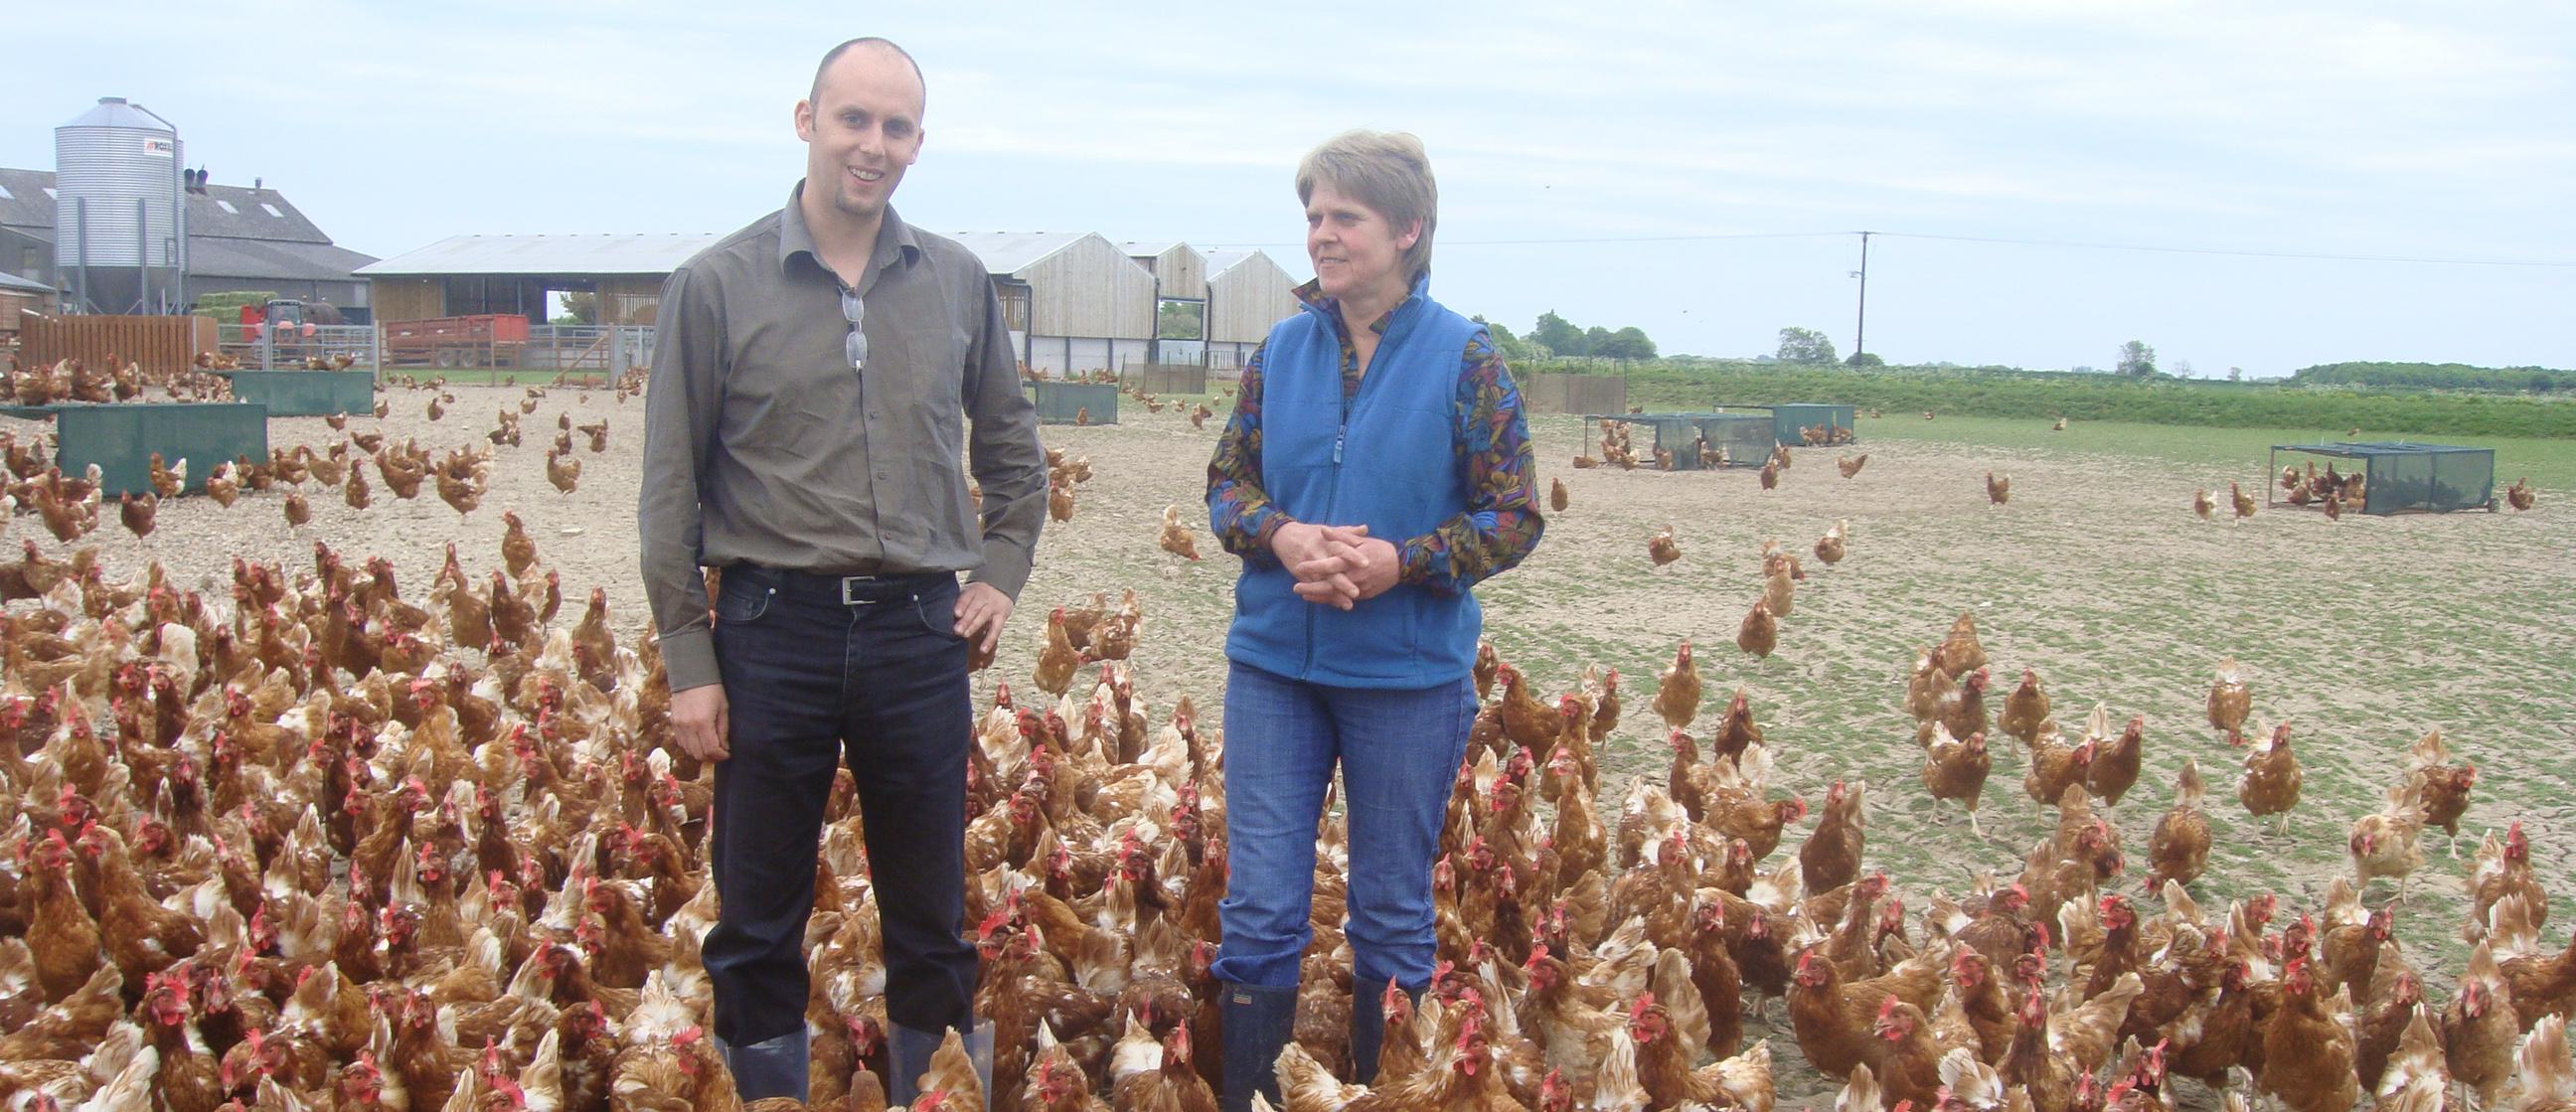 Leslie-Botterill-Dovecoat-Farm